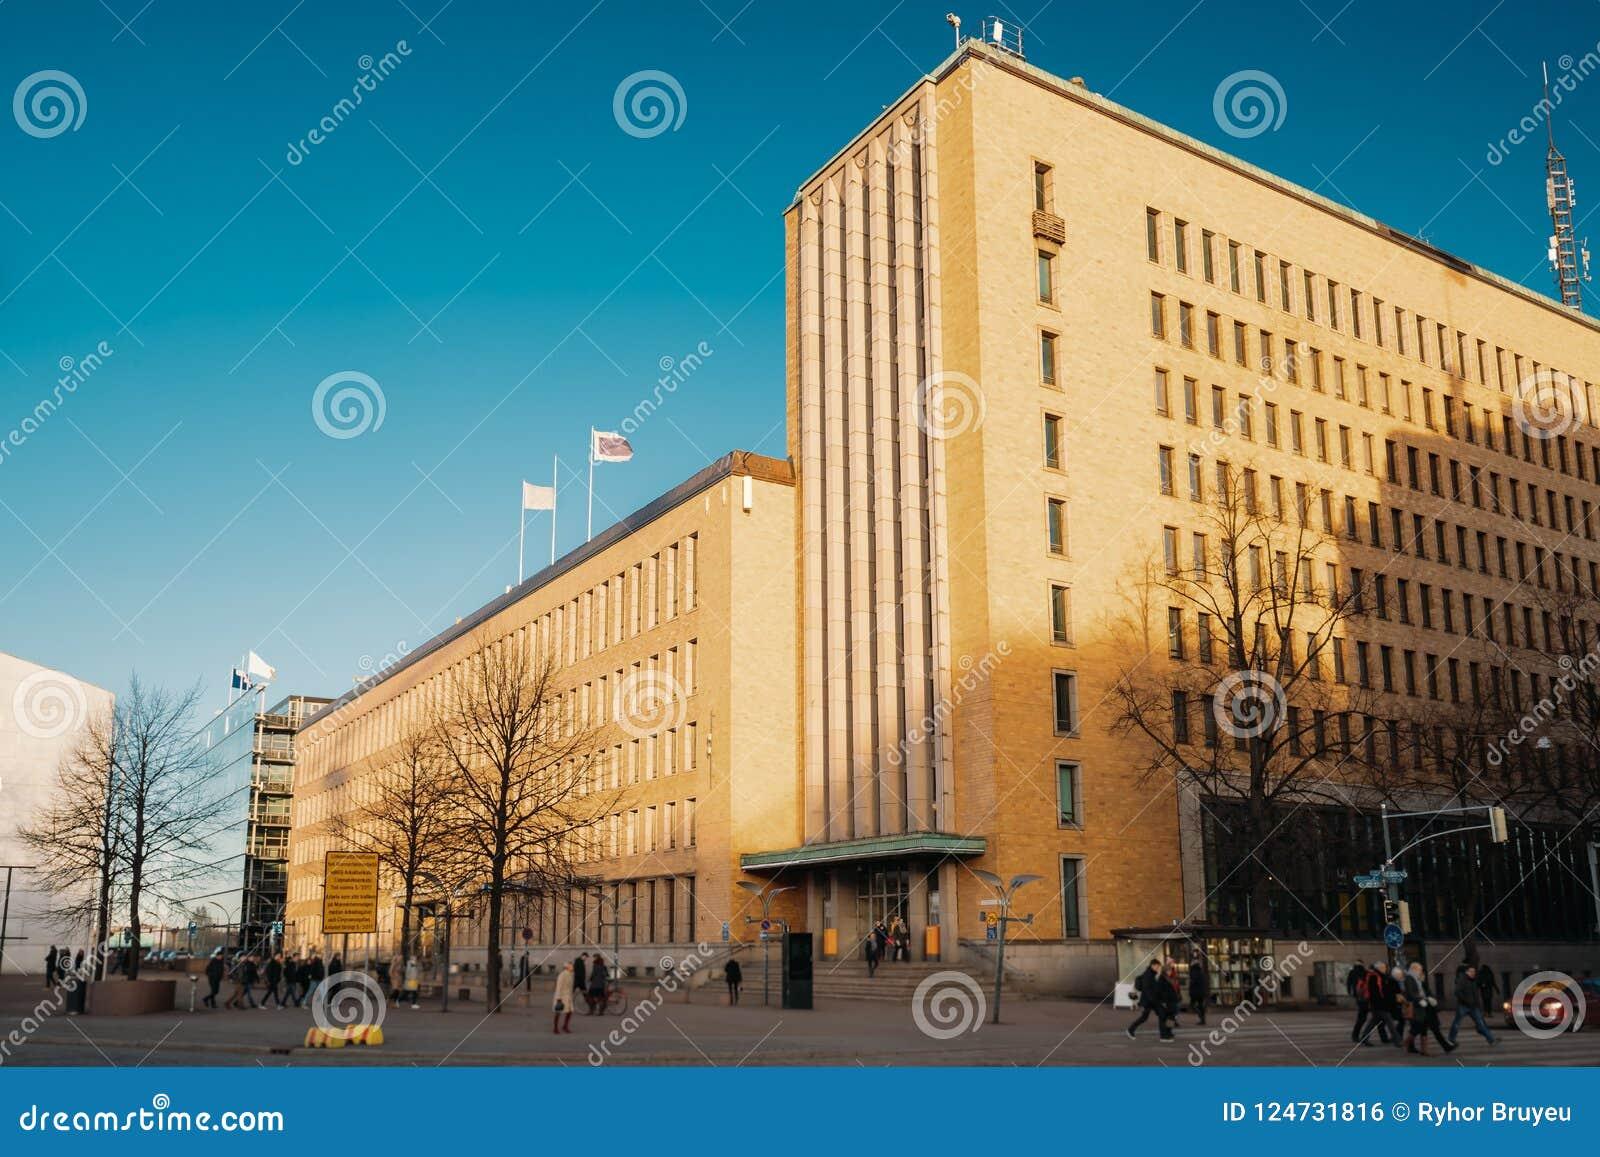 Post Office Helsinki